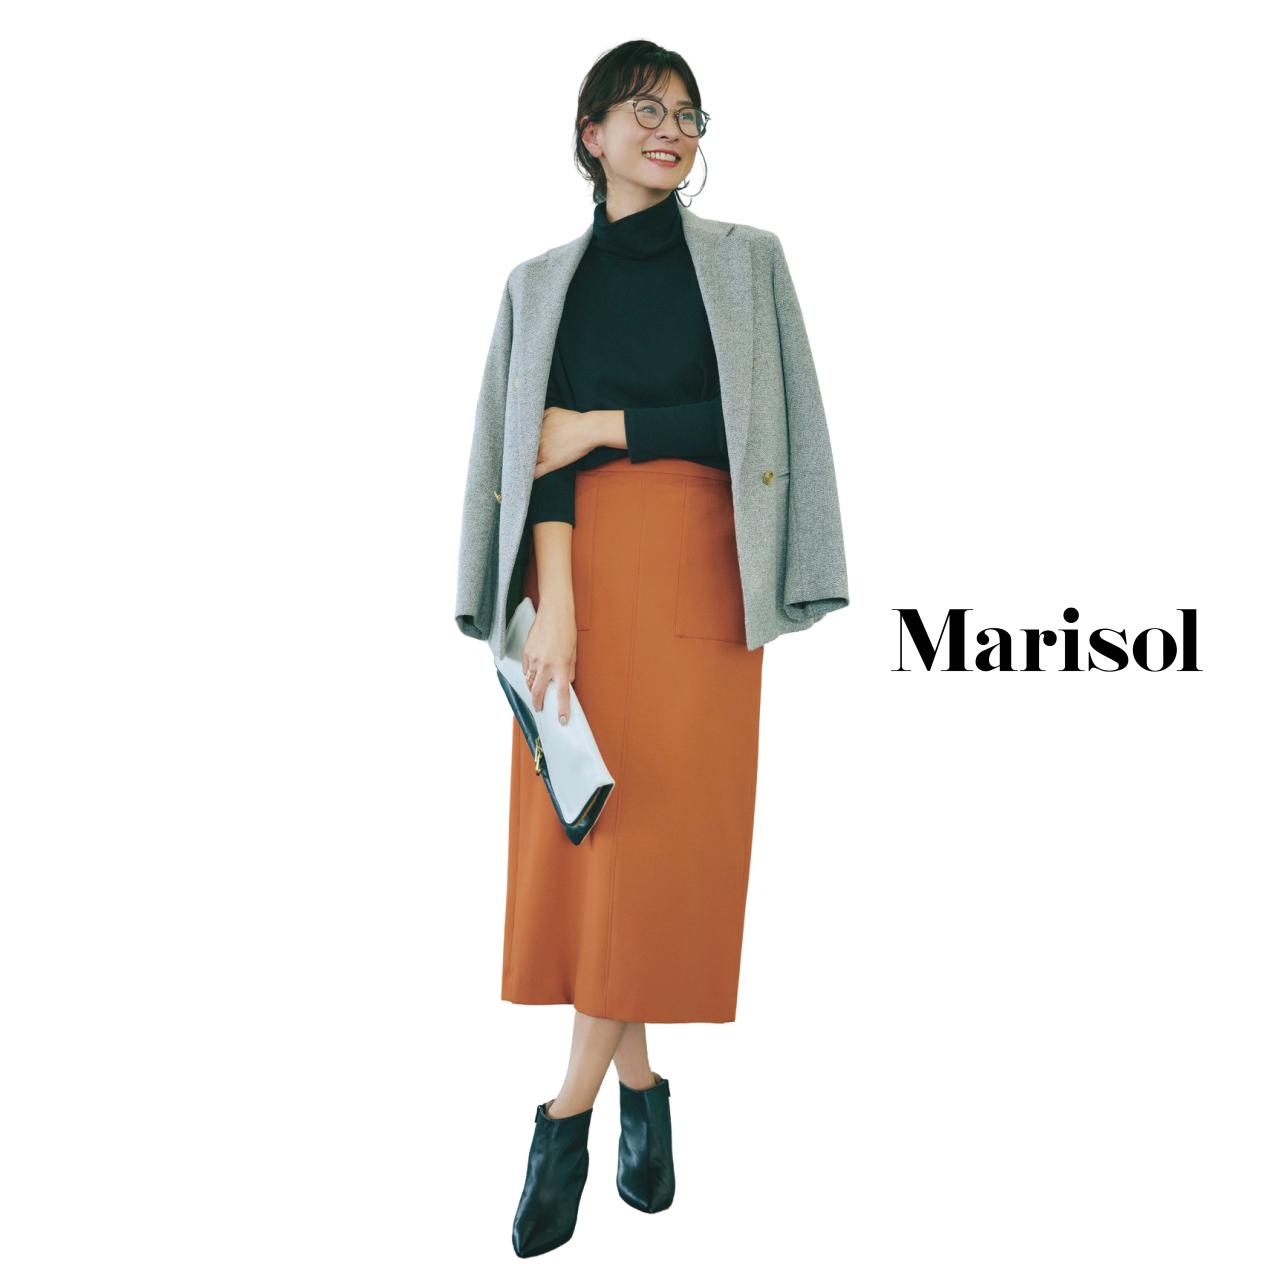 40代ファッション 肩がけジャケット×プルオーバー×タイトスカートコーデ